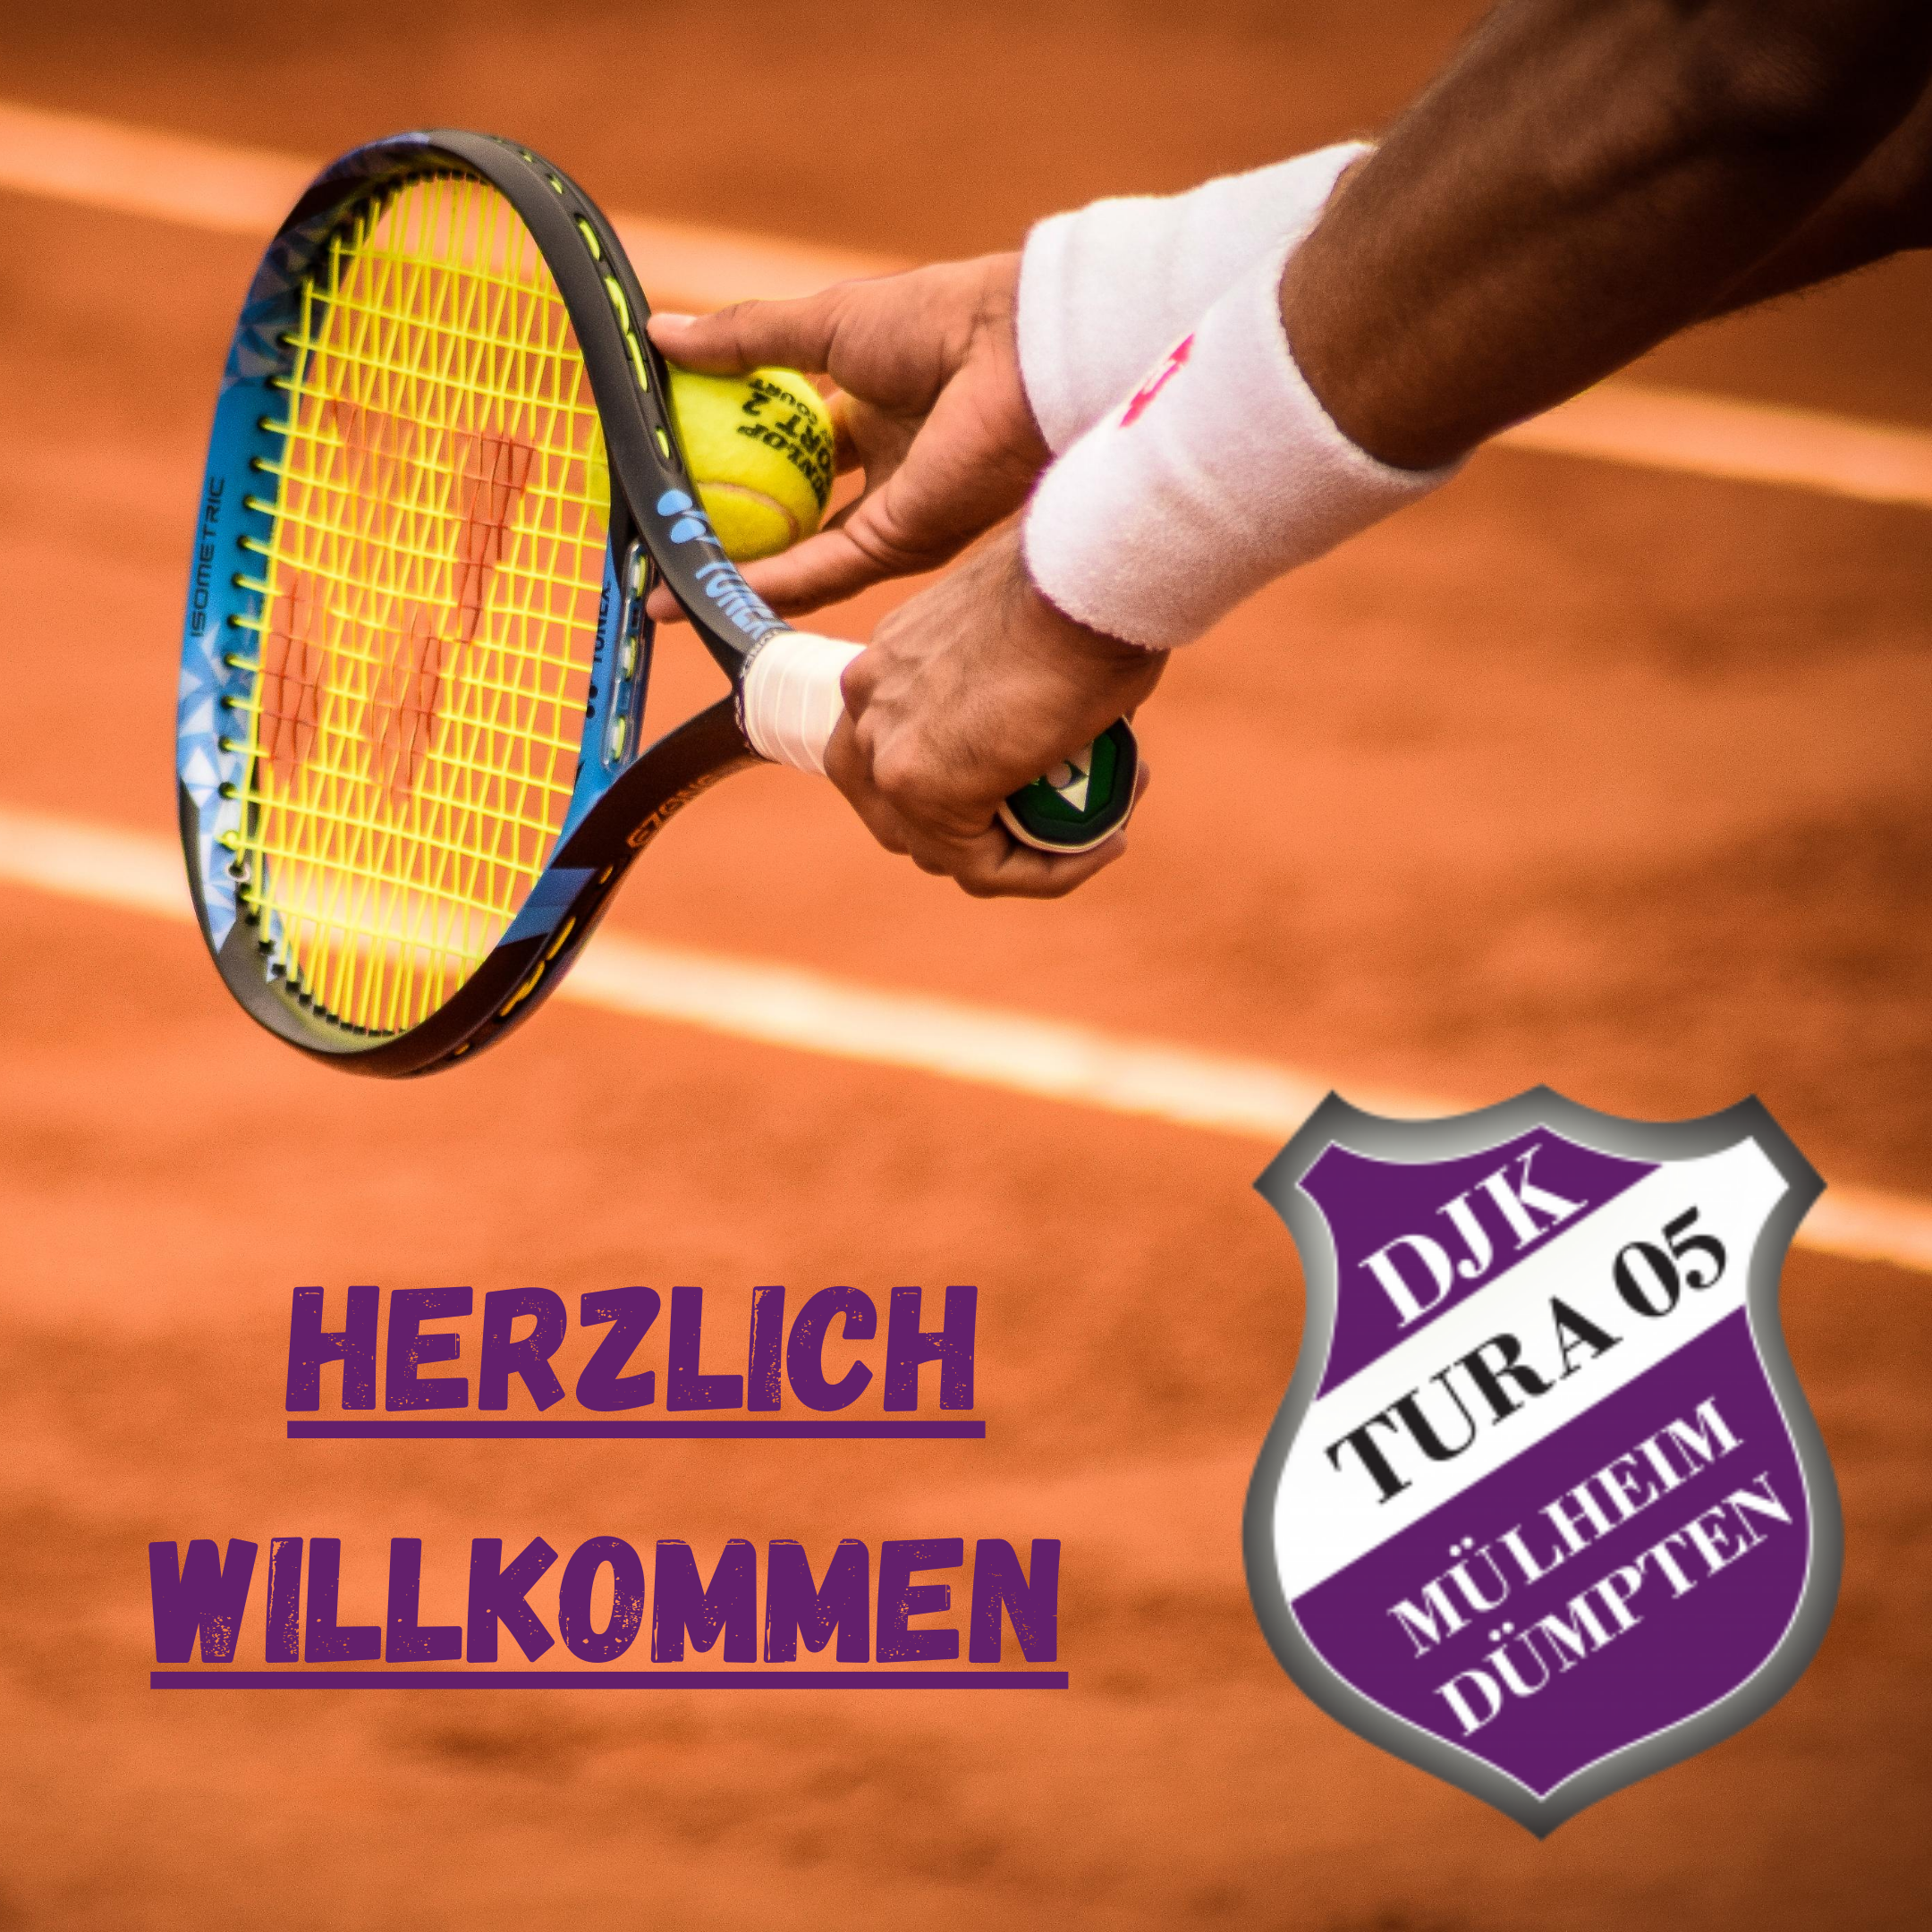 Tennisabteilung erweitert Online Präsenz